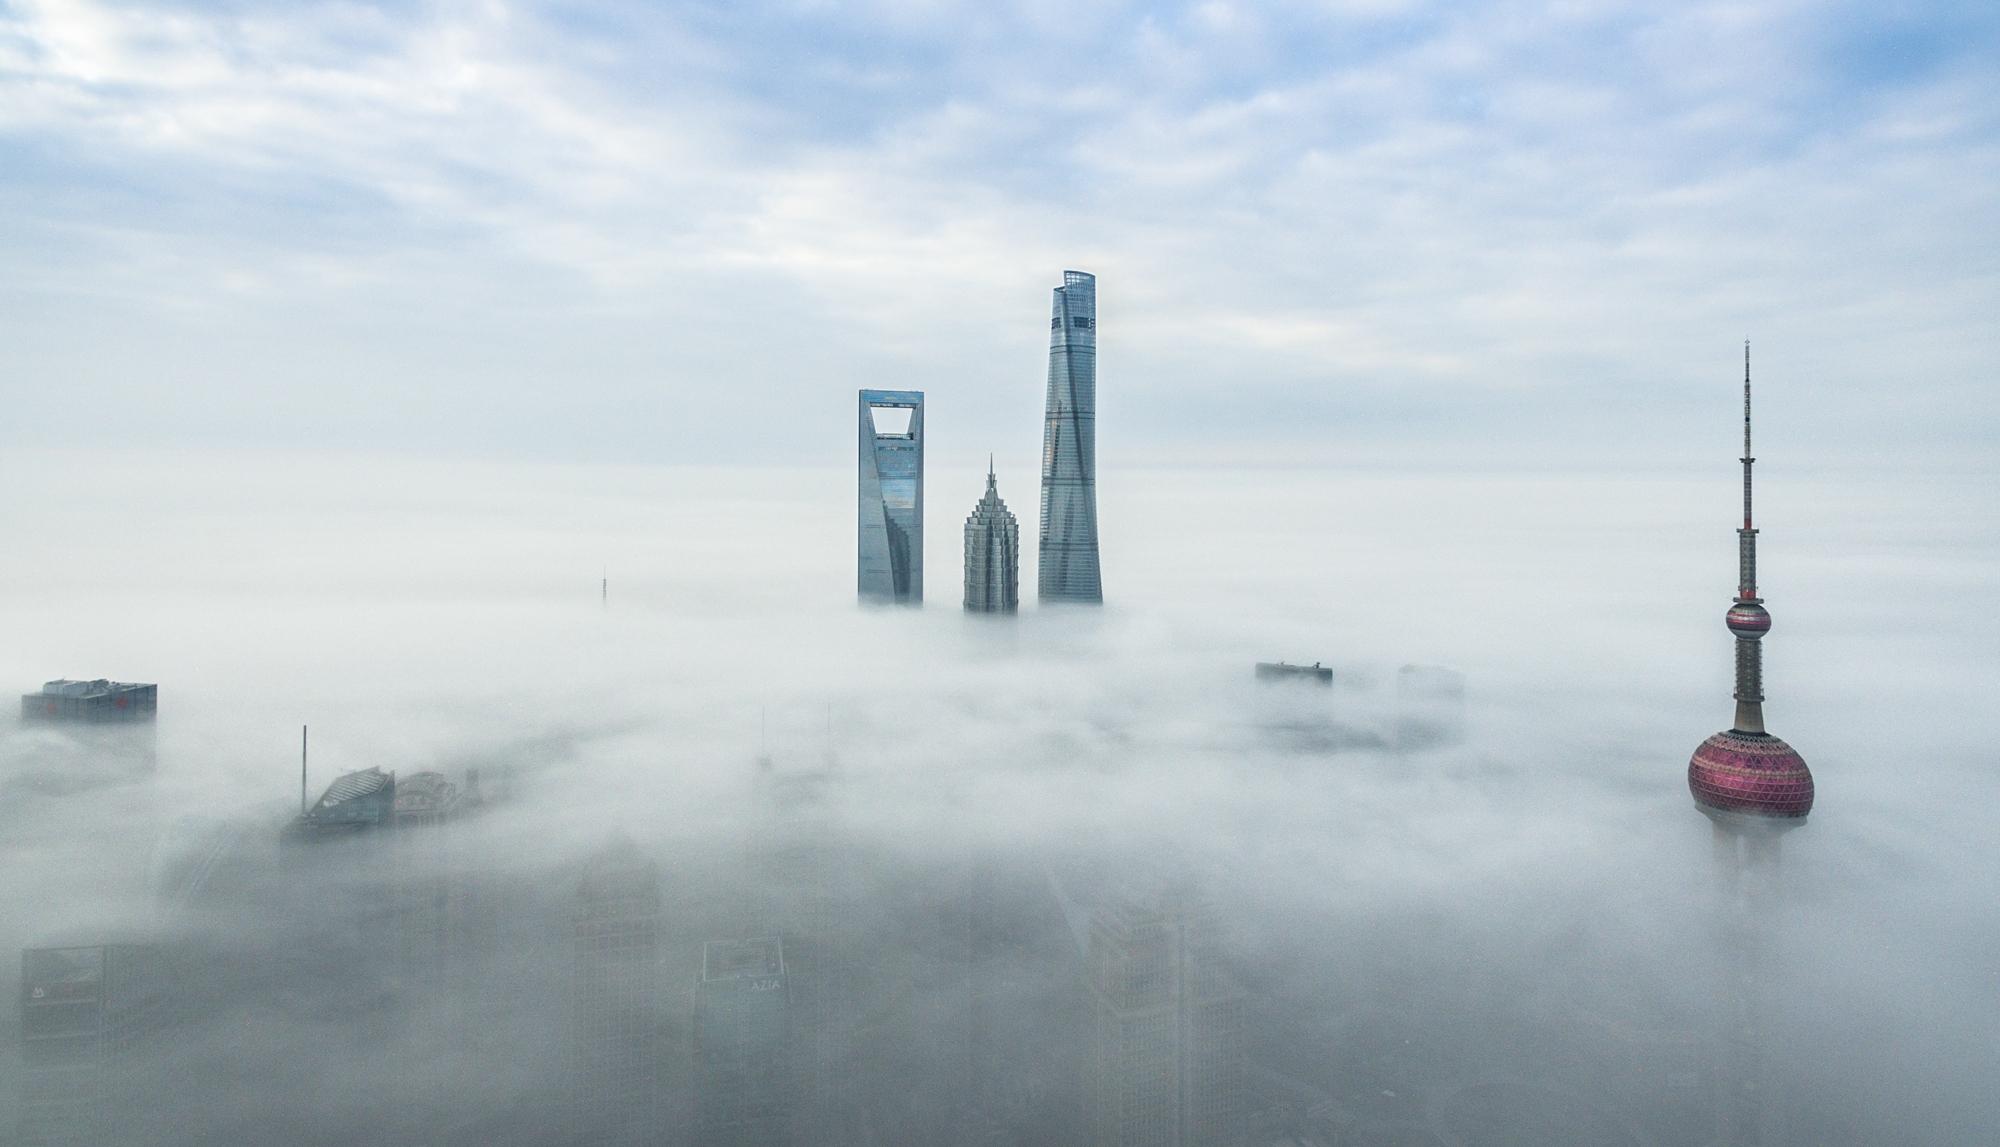 图片组城市・建筑类|第三届(2017)中国无人机摄影大赛